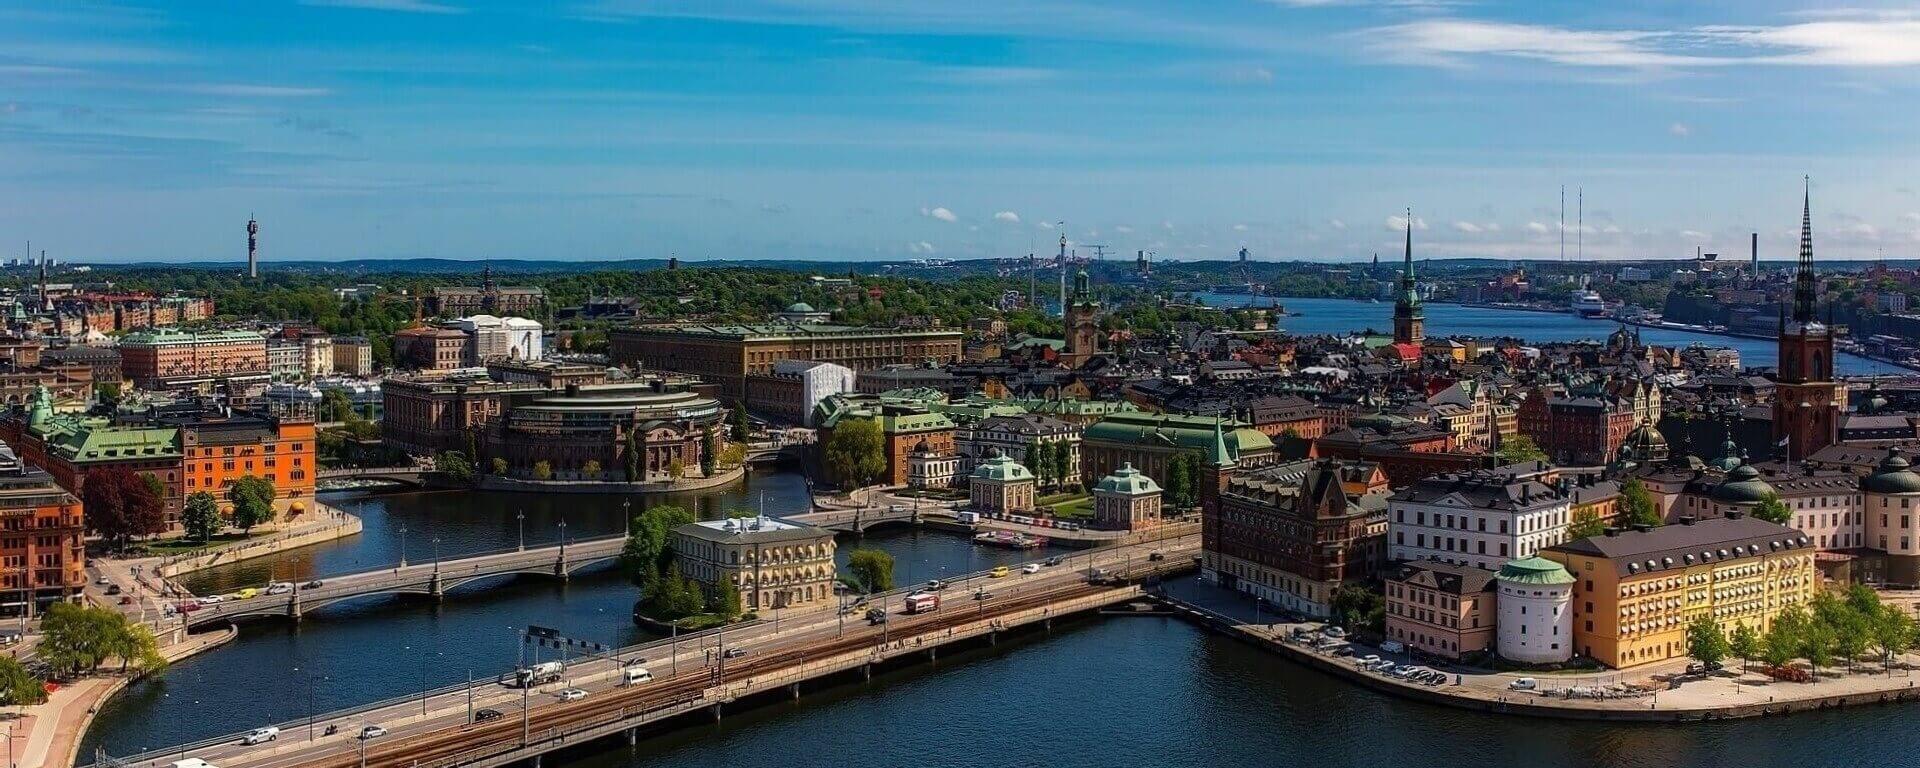 Direktflüge und Billigflüge nach Schweden